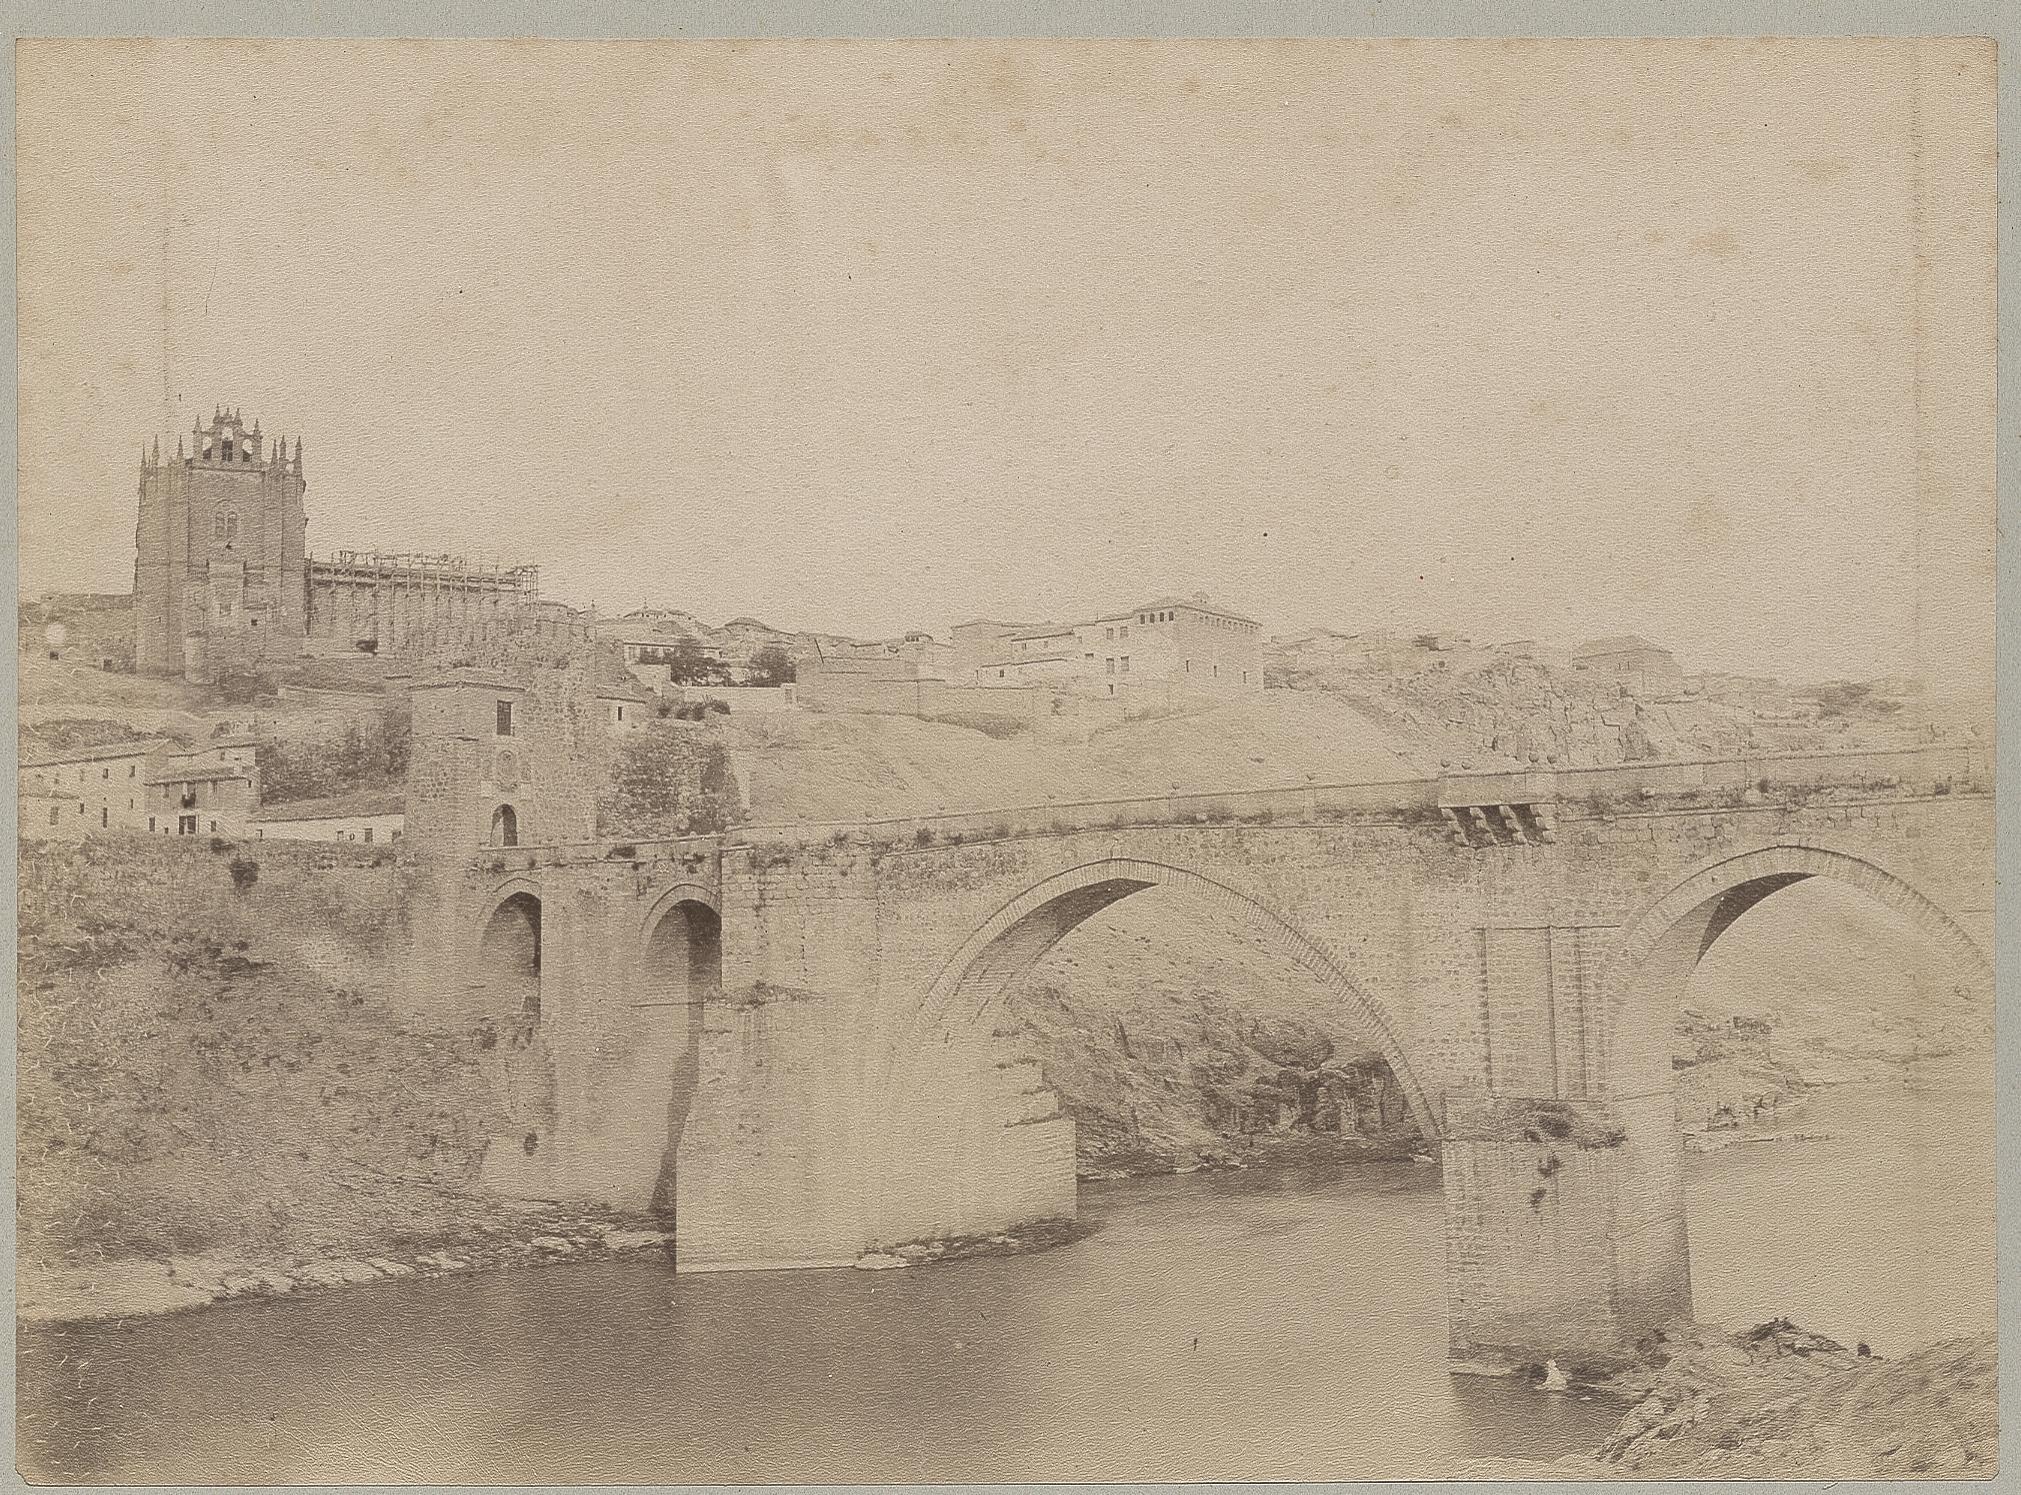 Puente de San Martín en 1886 © Archives départementales de l'Aude